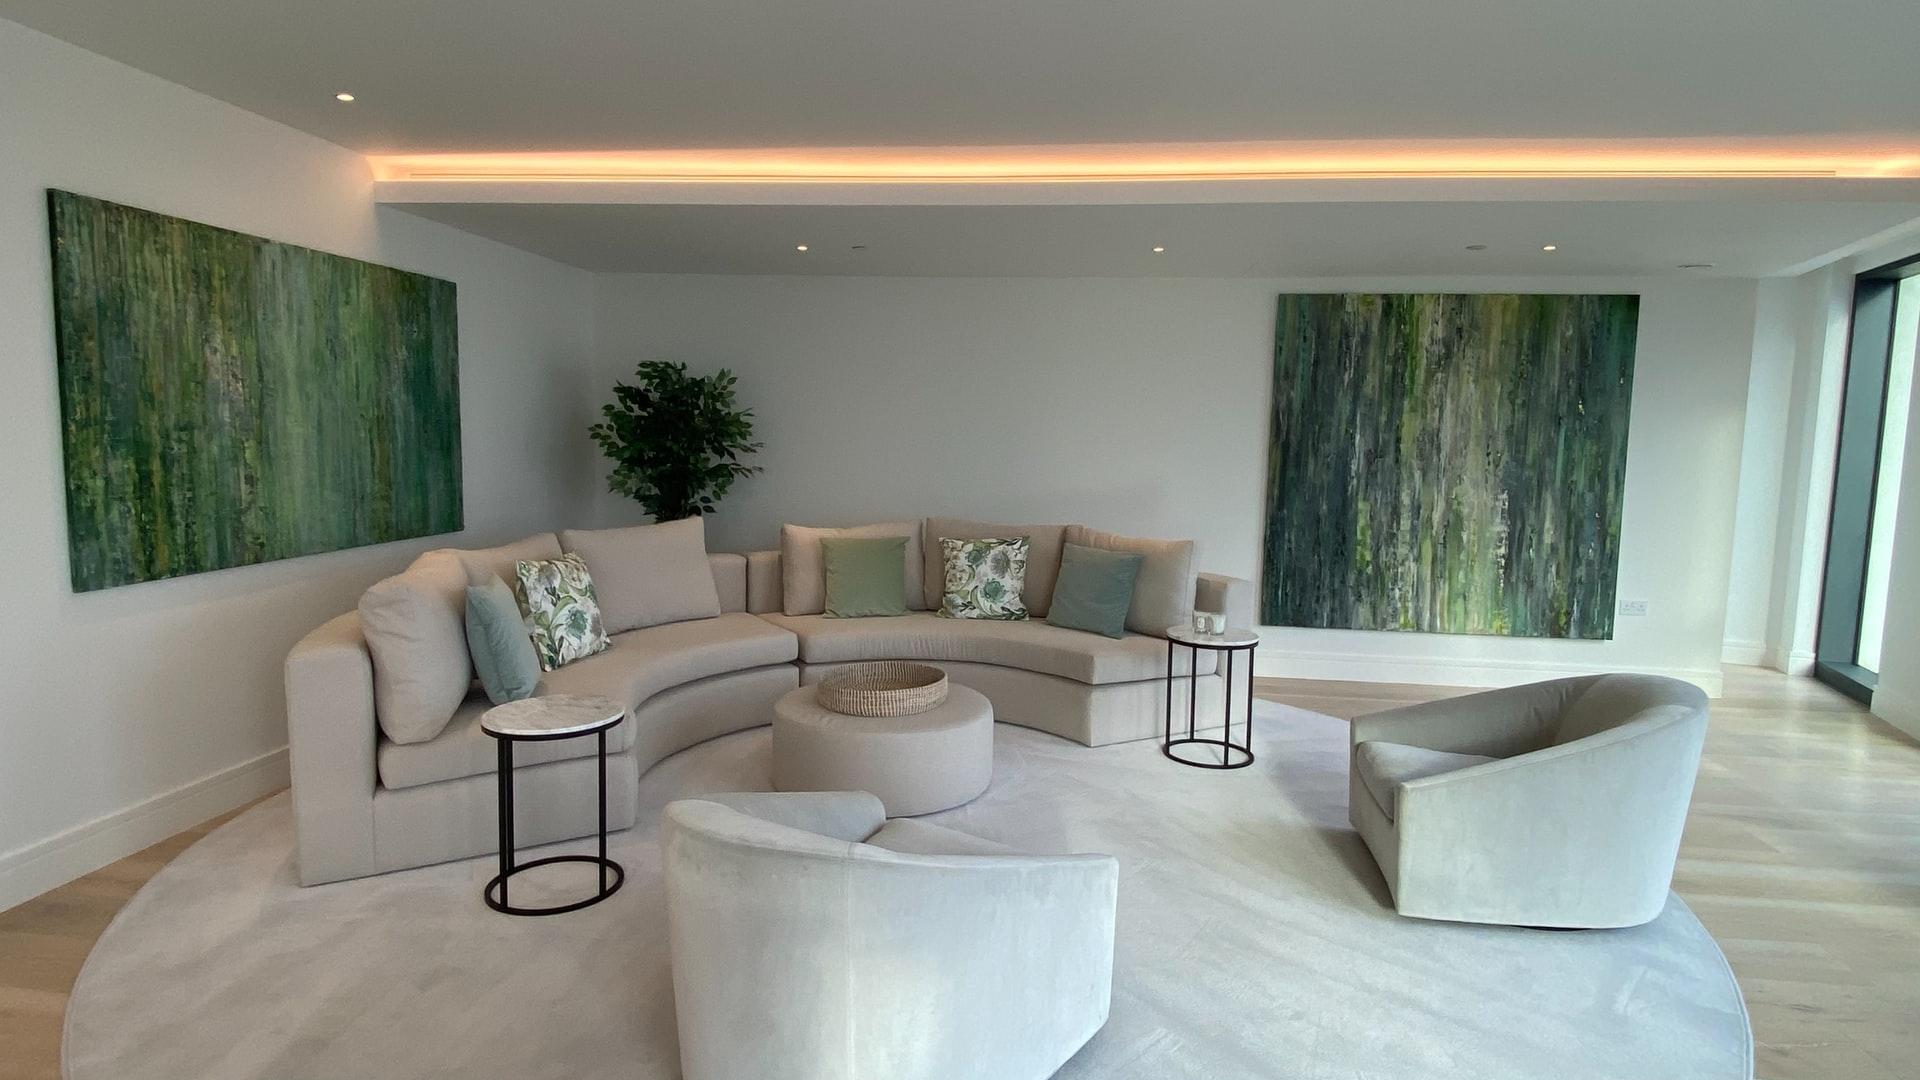 Wohnraum mit Lichtleiste